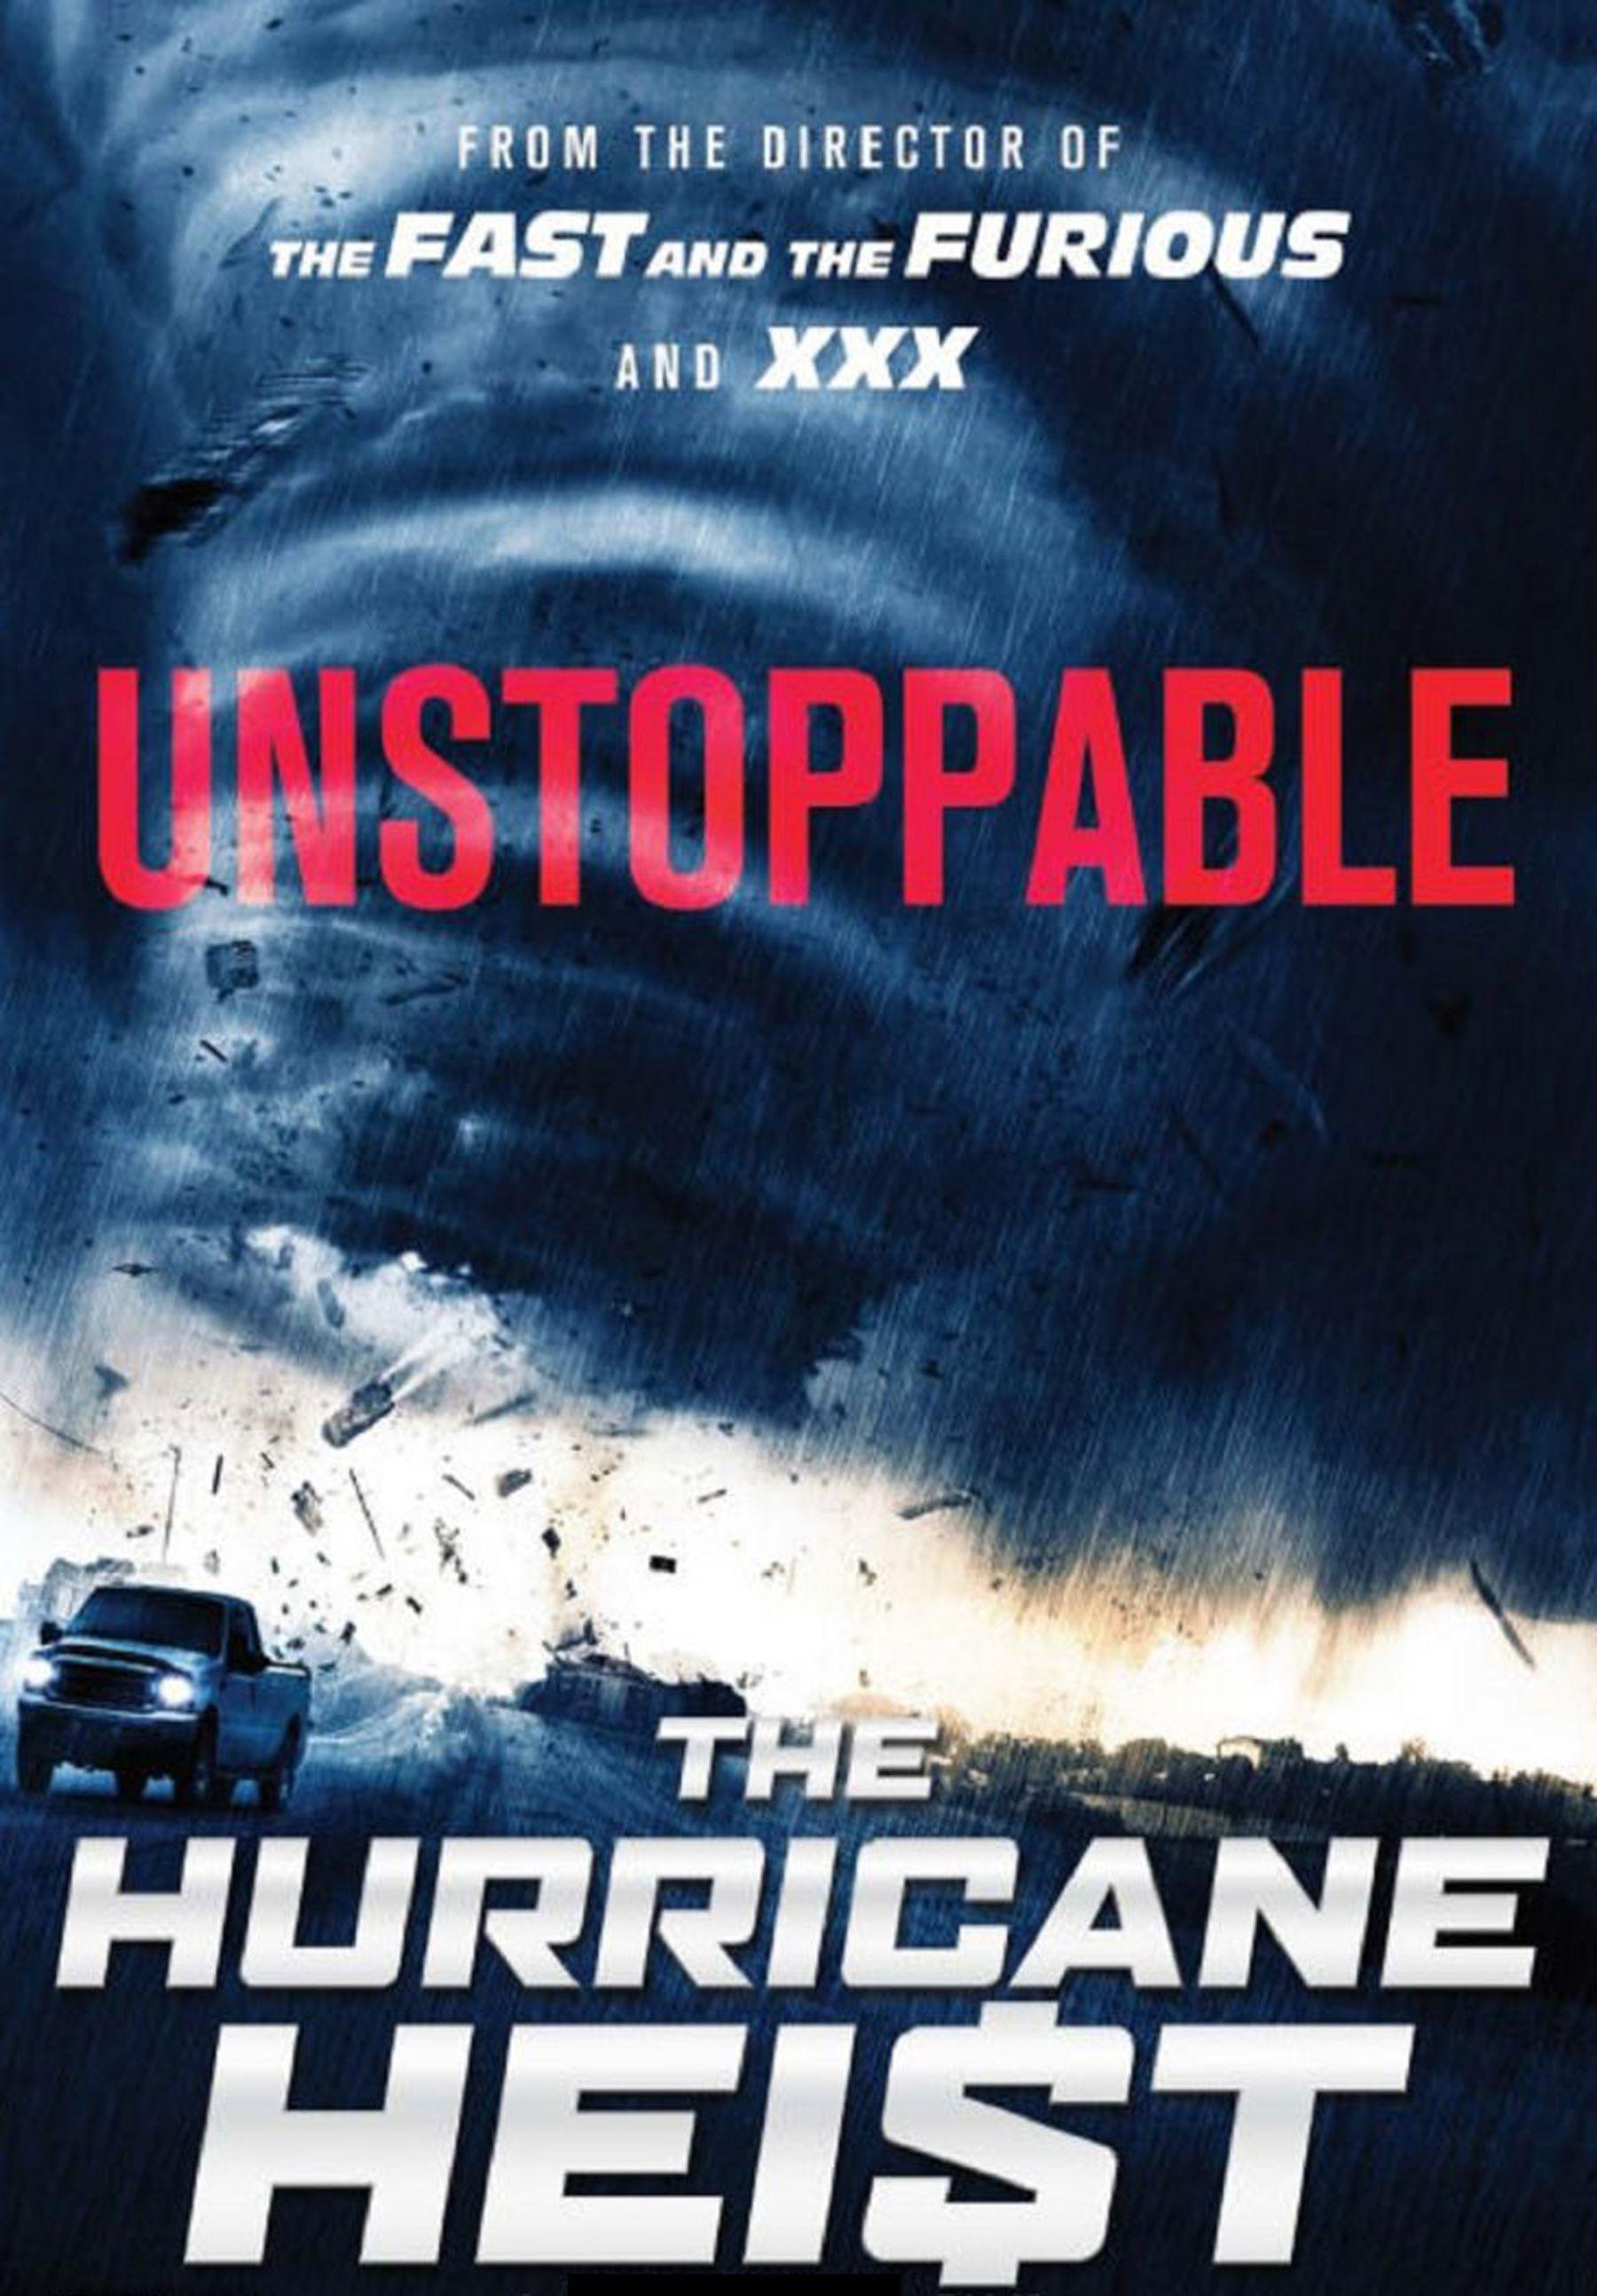 Watch The Hurricane Heist (2018) OnLine-Free-Movie-HD-HQ-DvDrip-fLv ...